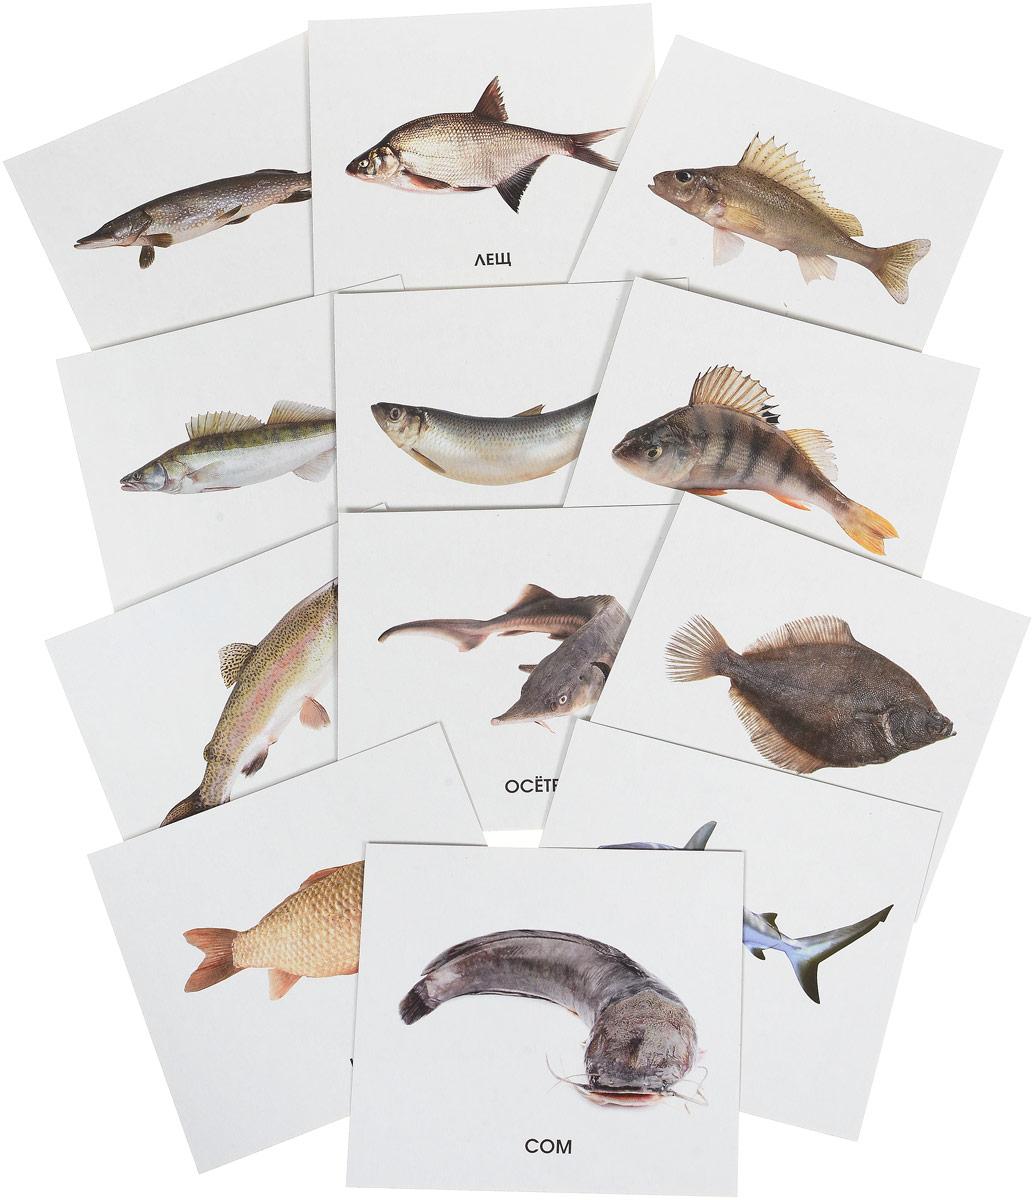 Улыбка Обучающие карточки Рыбы России улыбка обучающие карточки игрушки